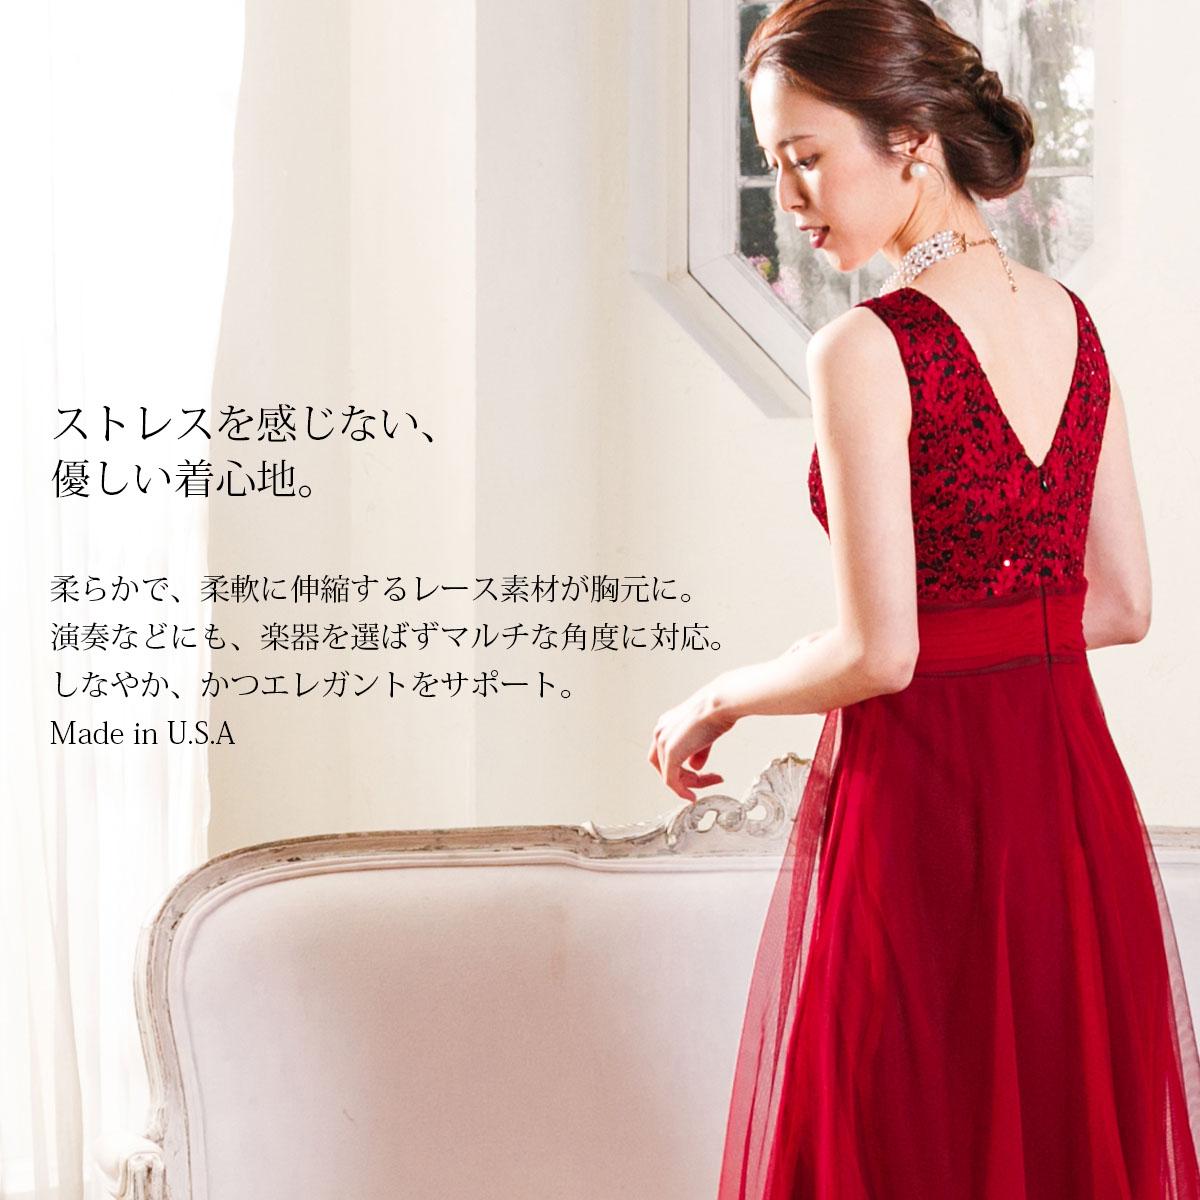 多くのお客様にリピート買いされる注目ドレス